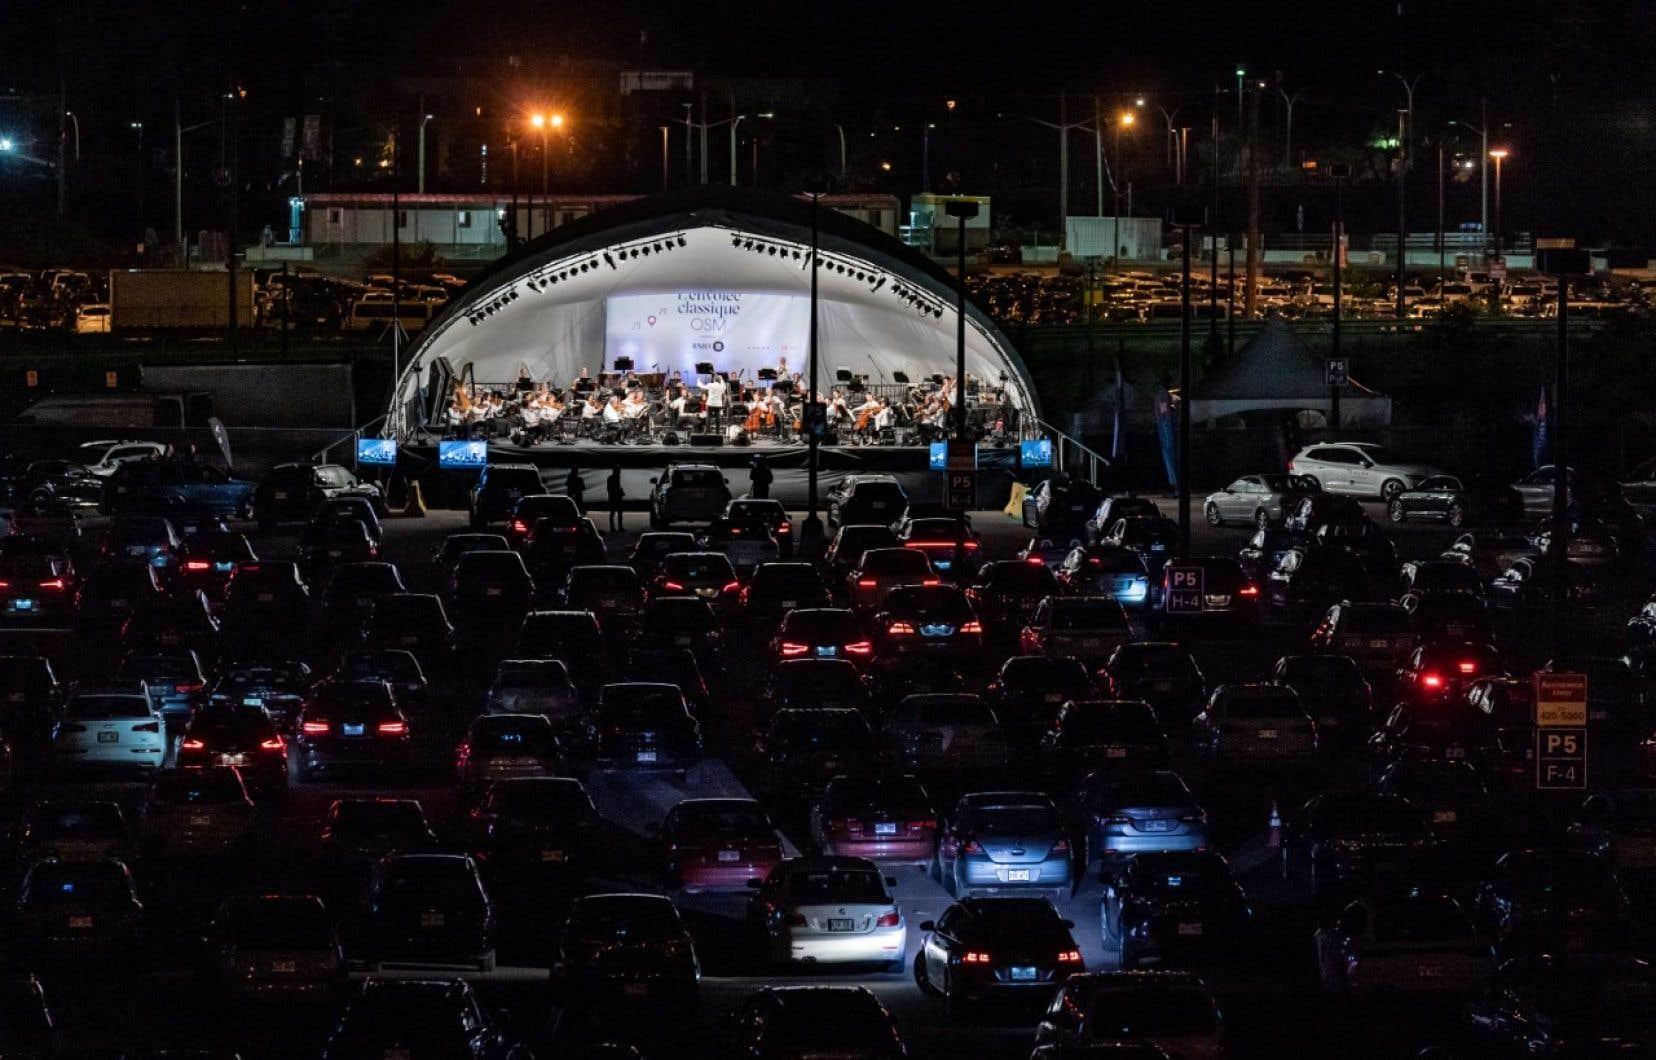 L'événement (les tarifs variaient de 100 à 500dollars par voiture pour une capacité de 550 véhicules) a rapporté 165000dollars à l'OSM.